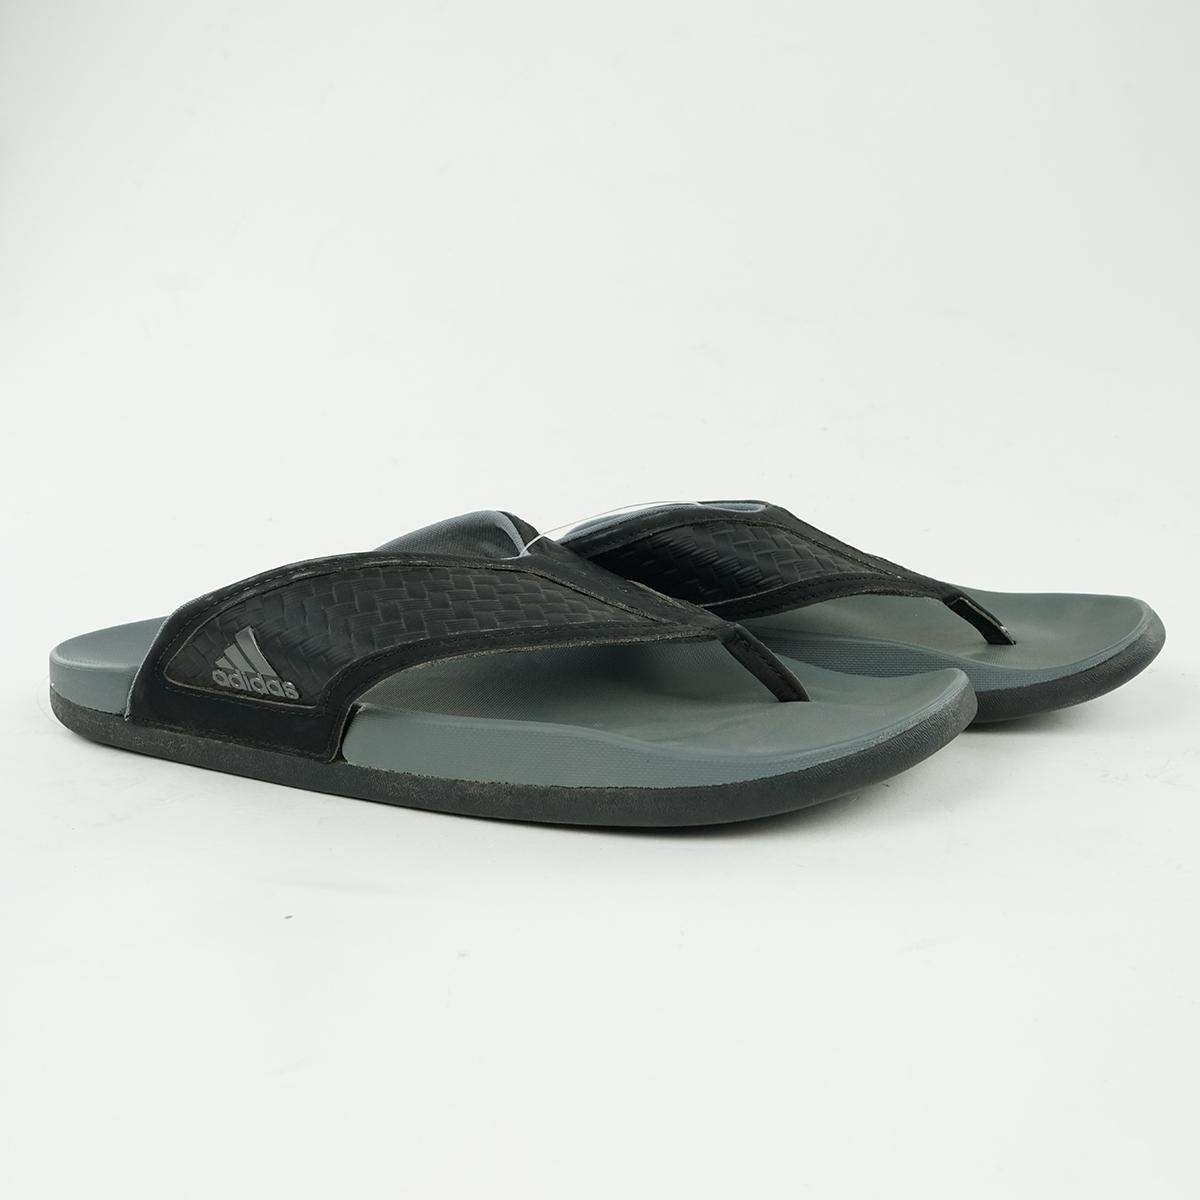 detailed look 546b4 1de18 Details about adidas Mens Adilette Flip Flops BlackGrey 10